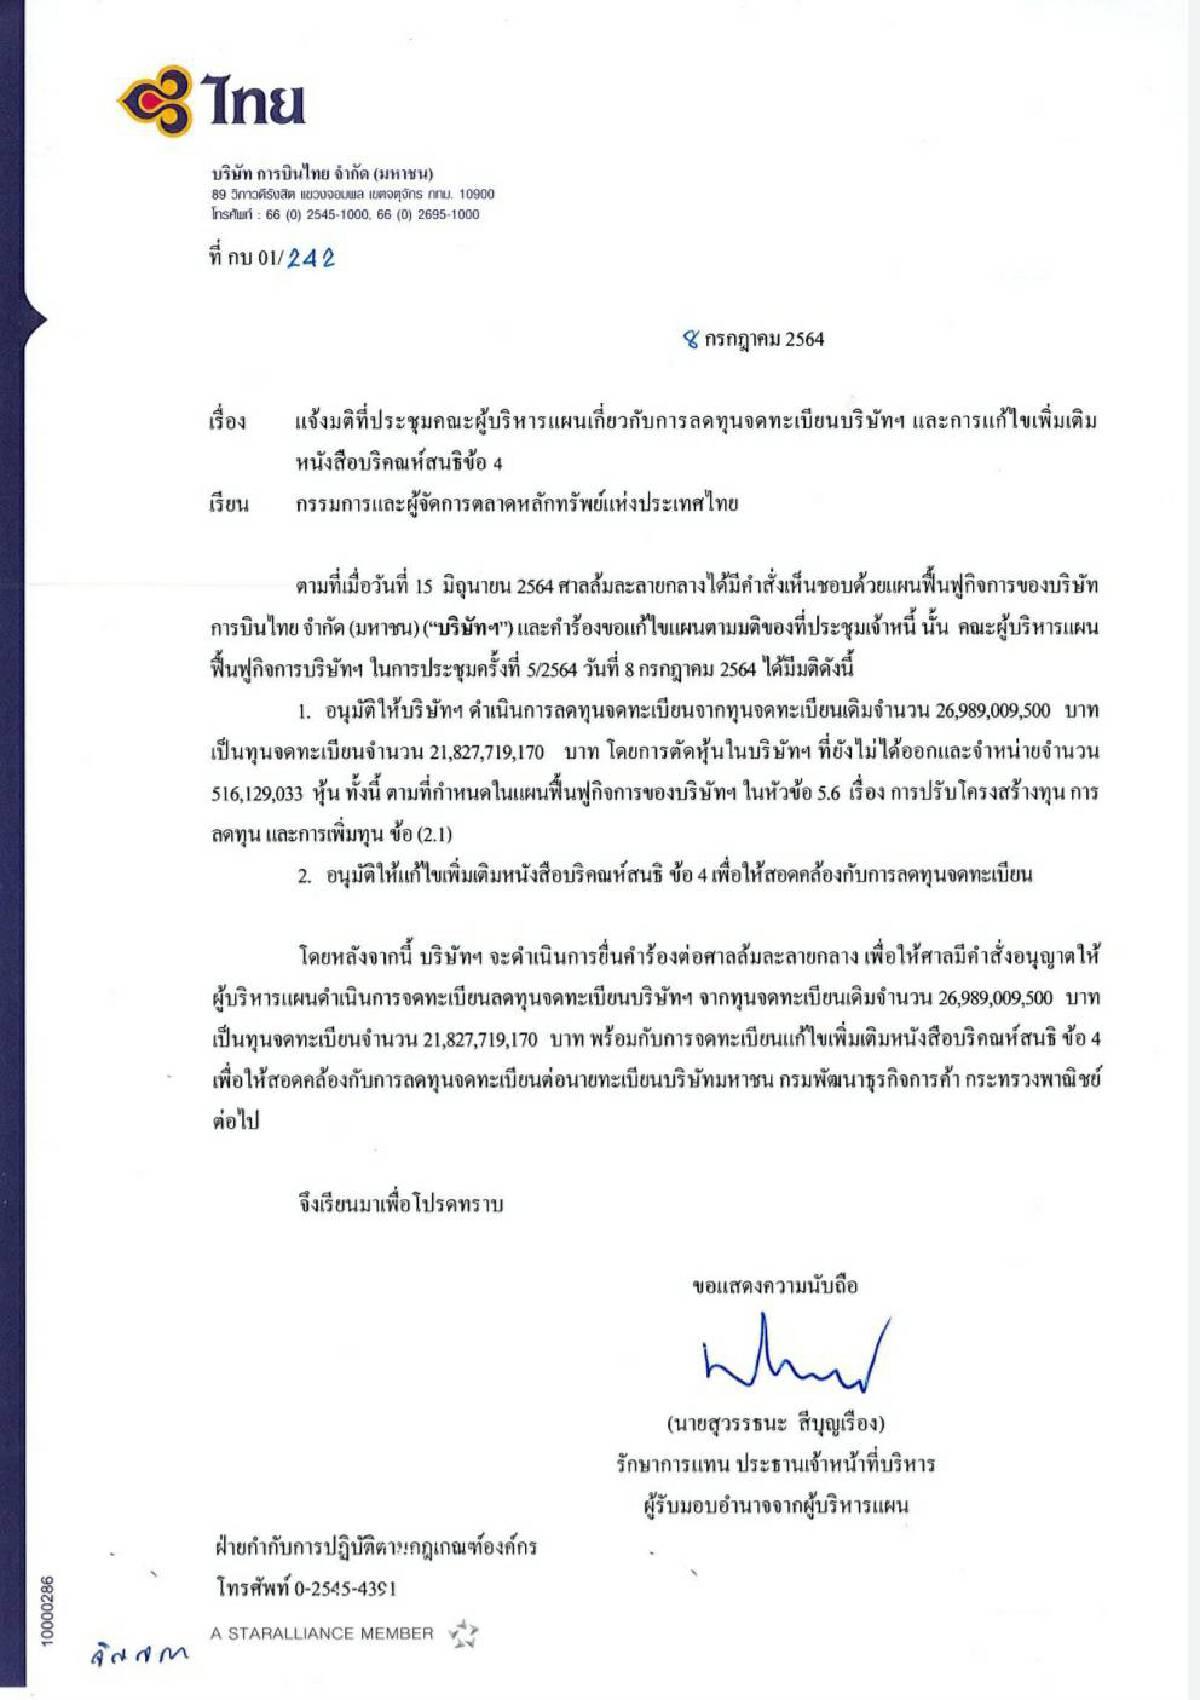 """คณะผู้บริหารแผนฟื้นฟูไฟเขียว""""การบินไทย""""ลดทุน ยื่นศาลล้มละลายฯขออนุมัติ"""